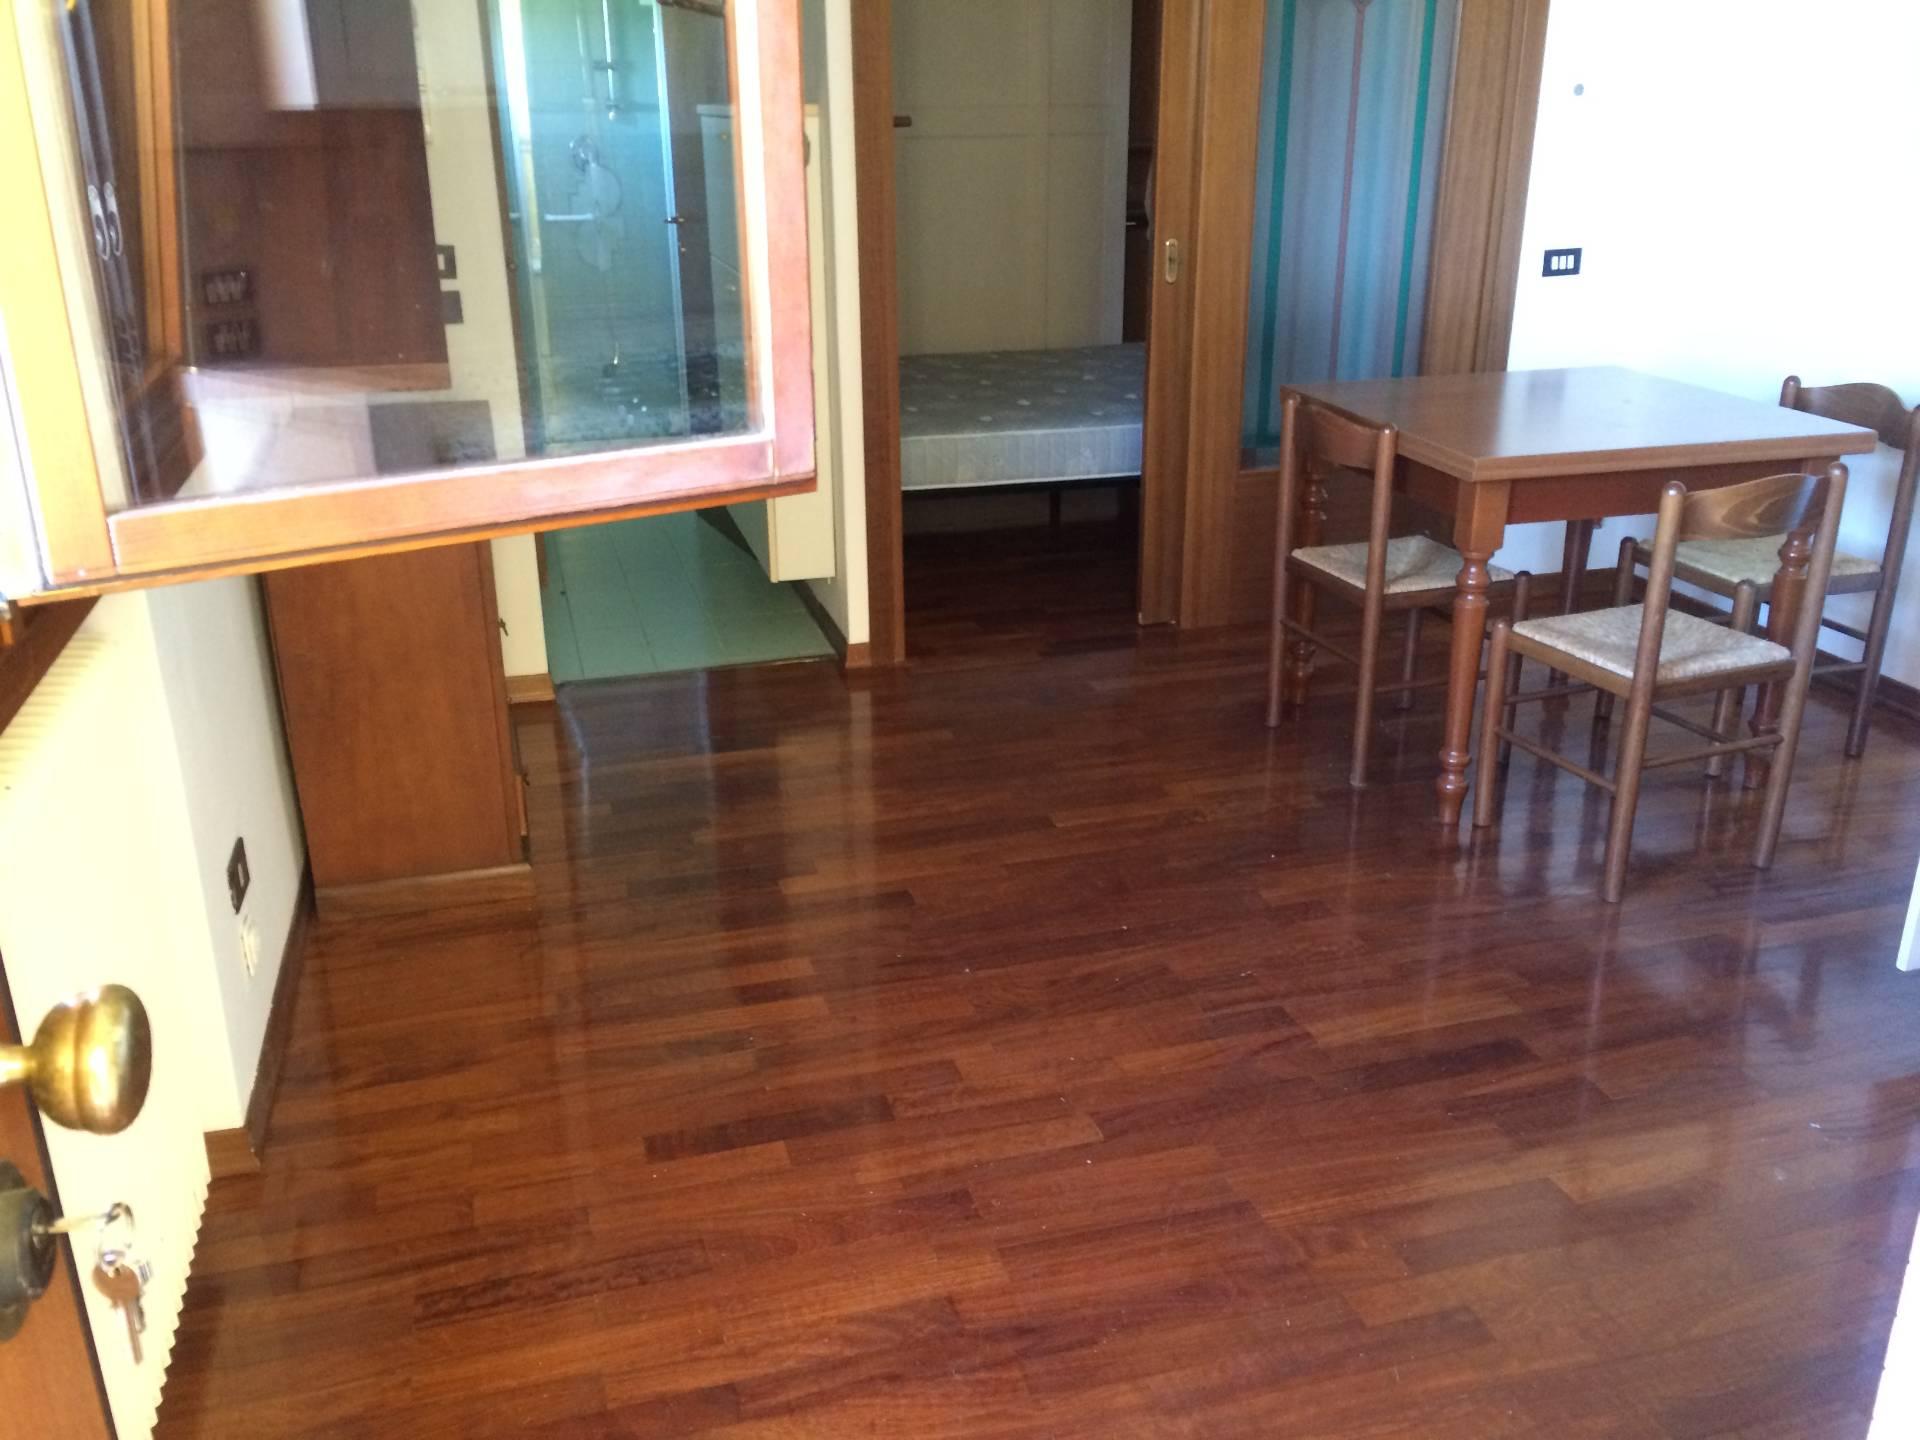 Appartamento in vendita a Villorba, 3 locali, zona Zona: Carità, prezzo € 70.000 | Cambio Casa.it